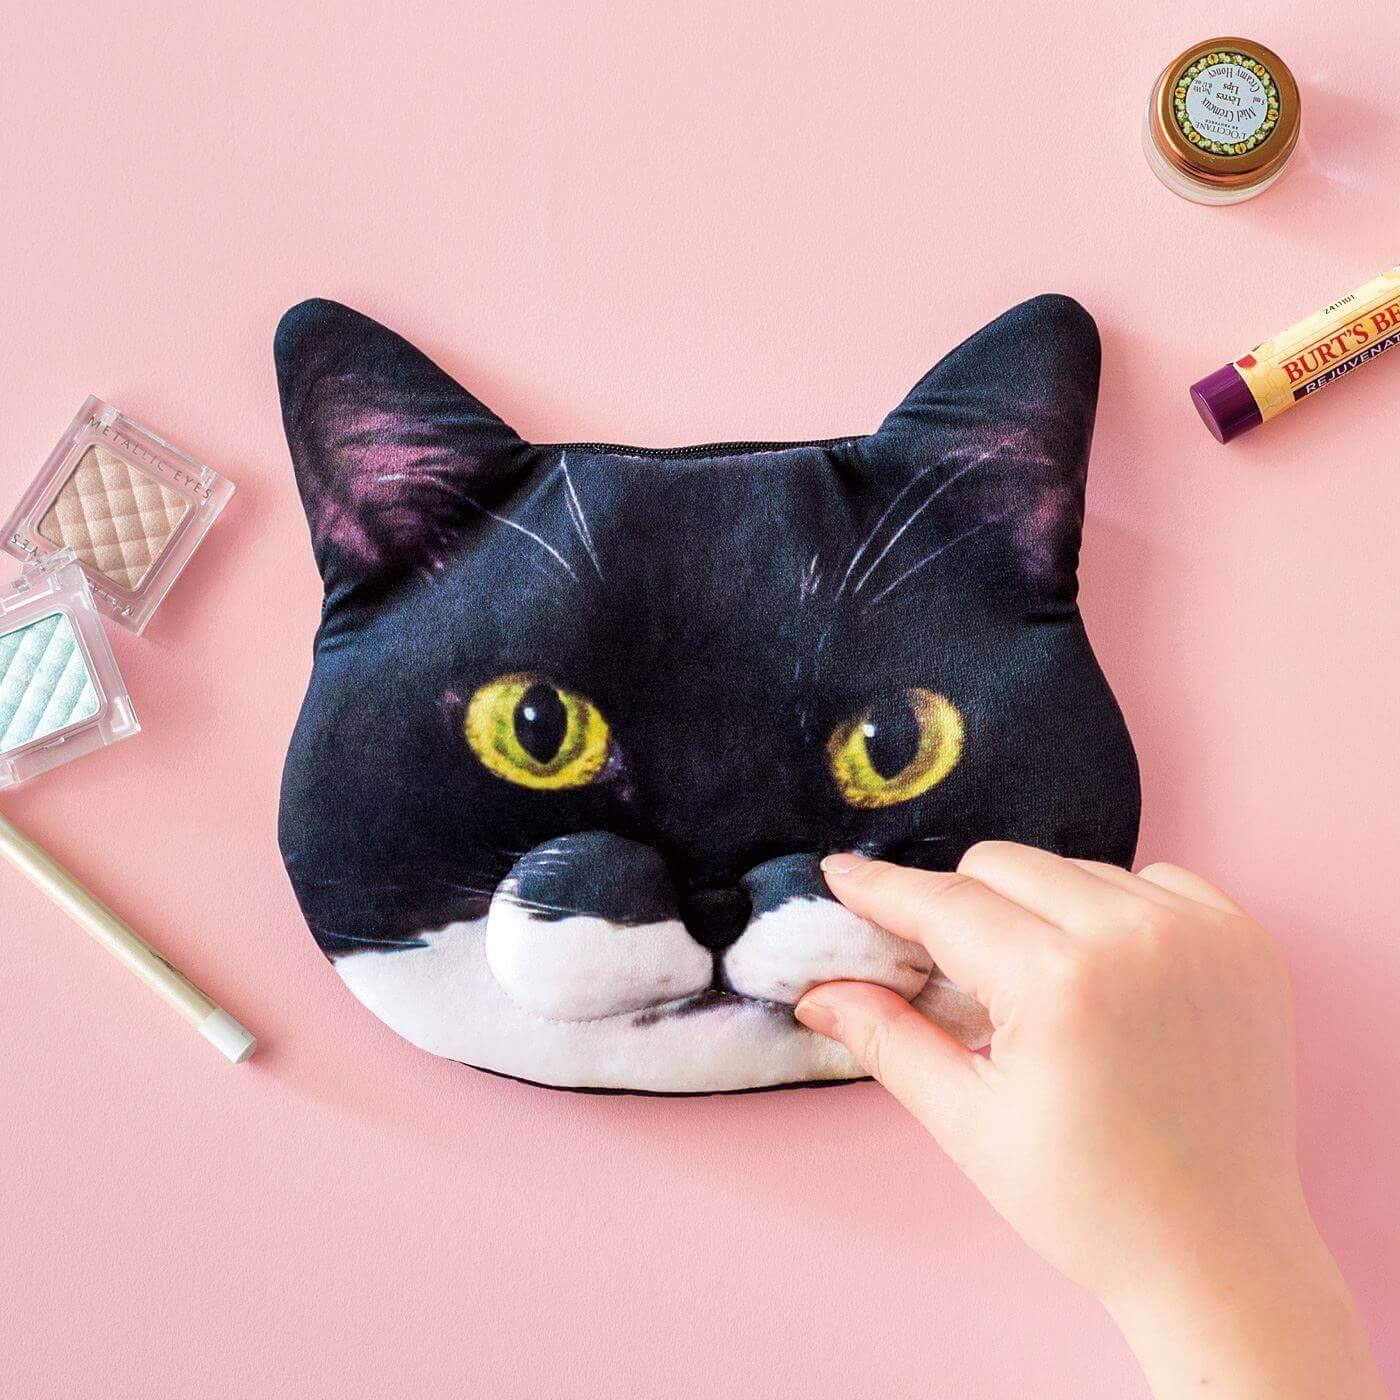 「迷人的ㄉㄨㄞㄉㄨㄞ貓臉包 GIZMO桑小包包」於「FELISSIMO貓部」新登場 日本文化、日本流行、觀光、日本飲食